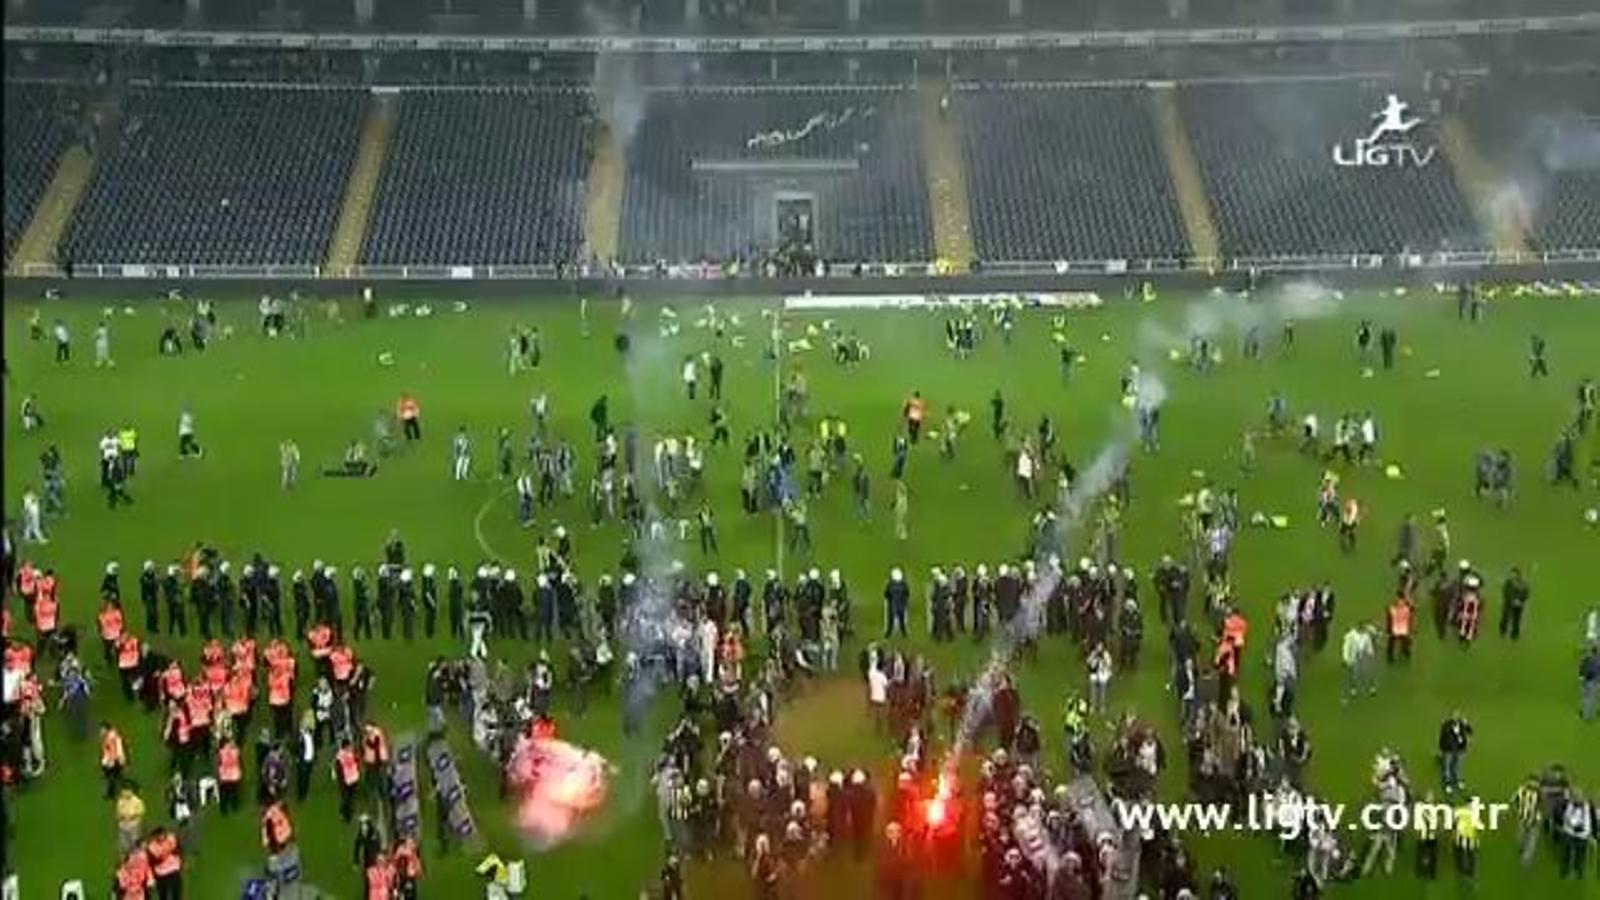 L'afició del Fenerbahçe envaeix el camp per evitar que el Galatasaray reculli la copa de campió